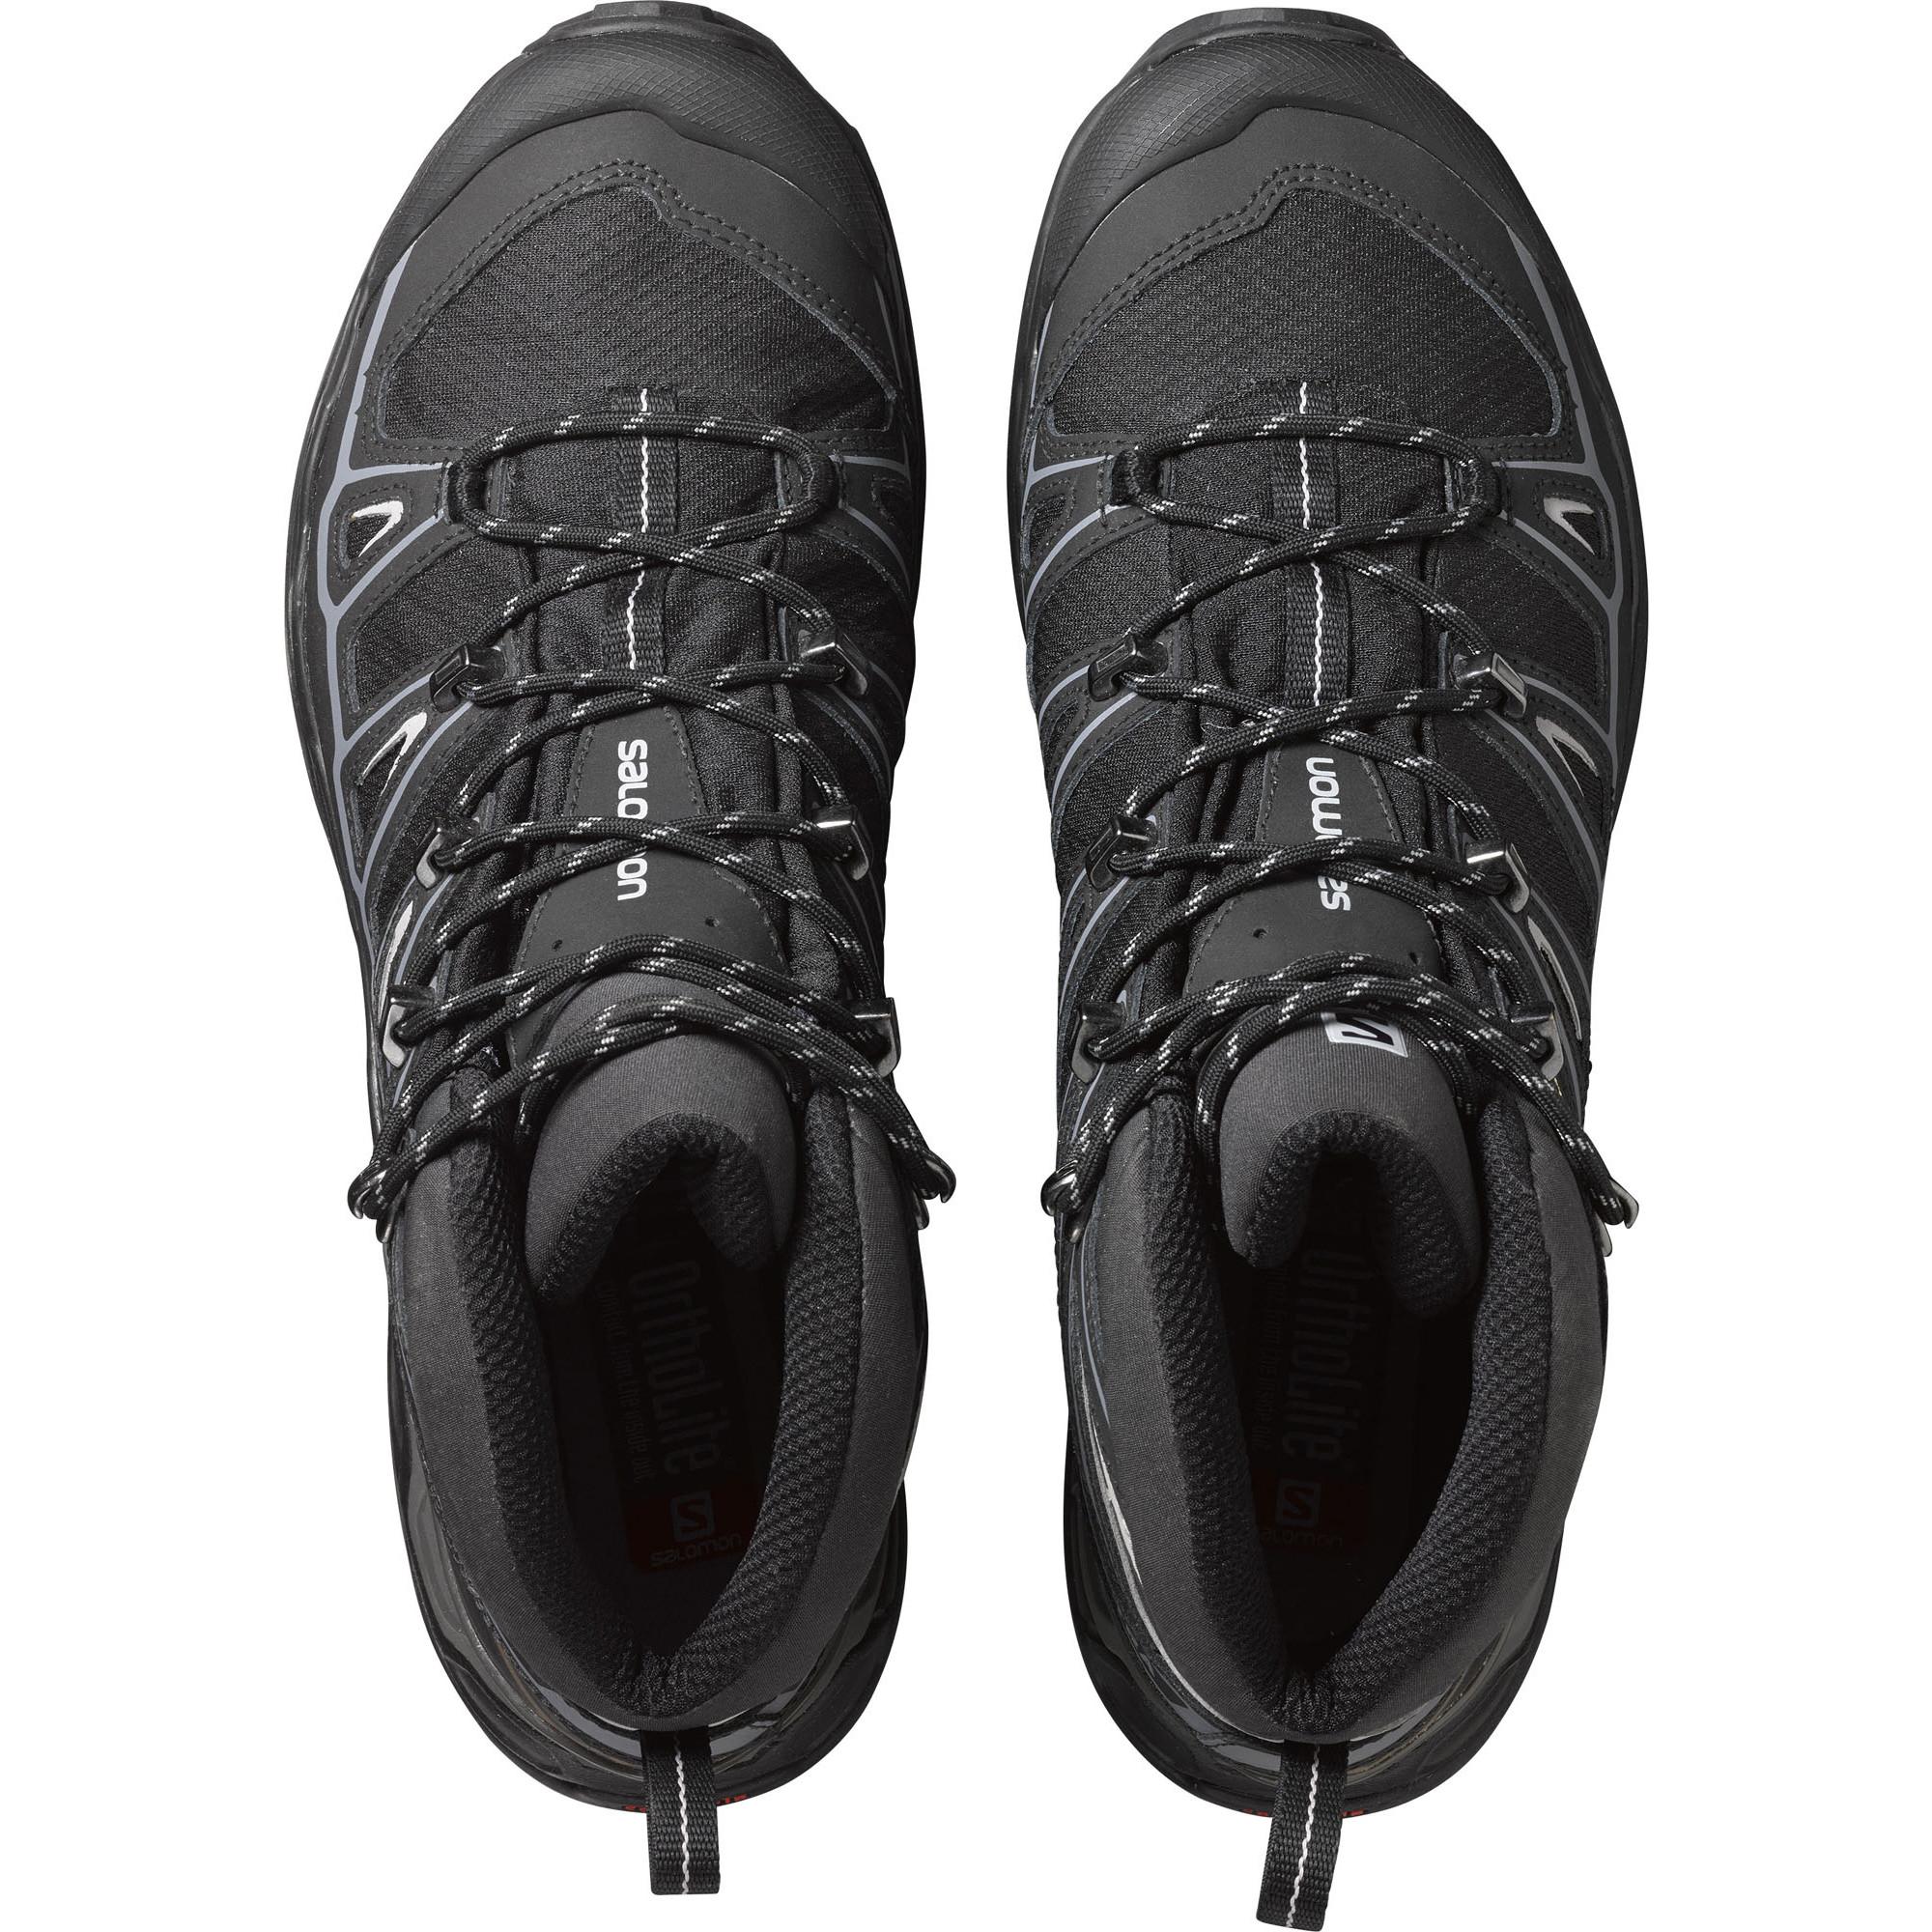 Viola pubblicizzare Collettivo  Semighete alergare Salomon X Ultra Mid 2 Spikes Gore-Tex pentru barbati